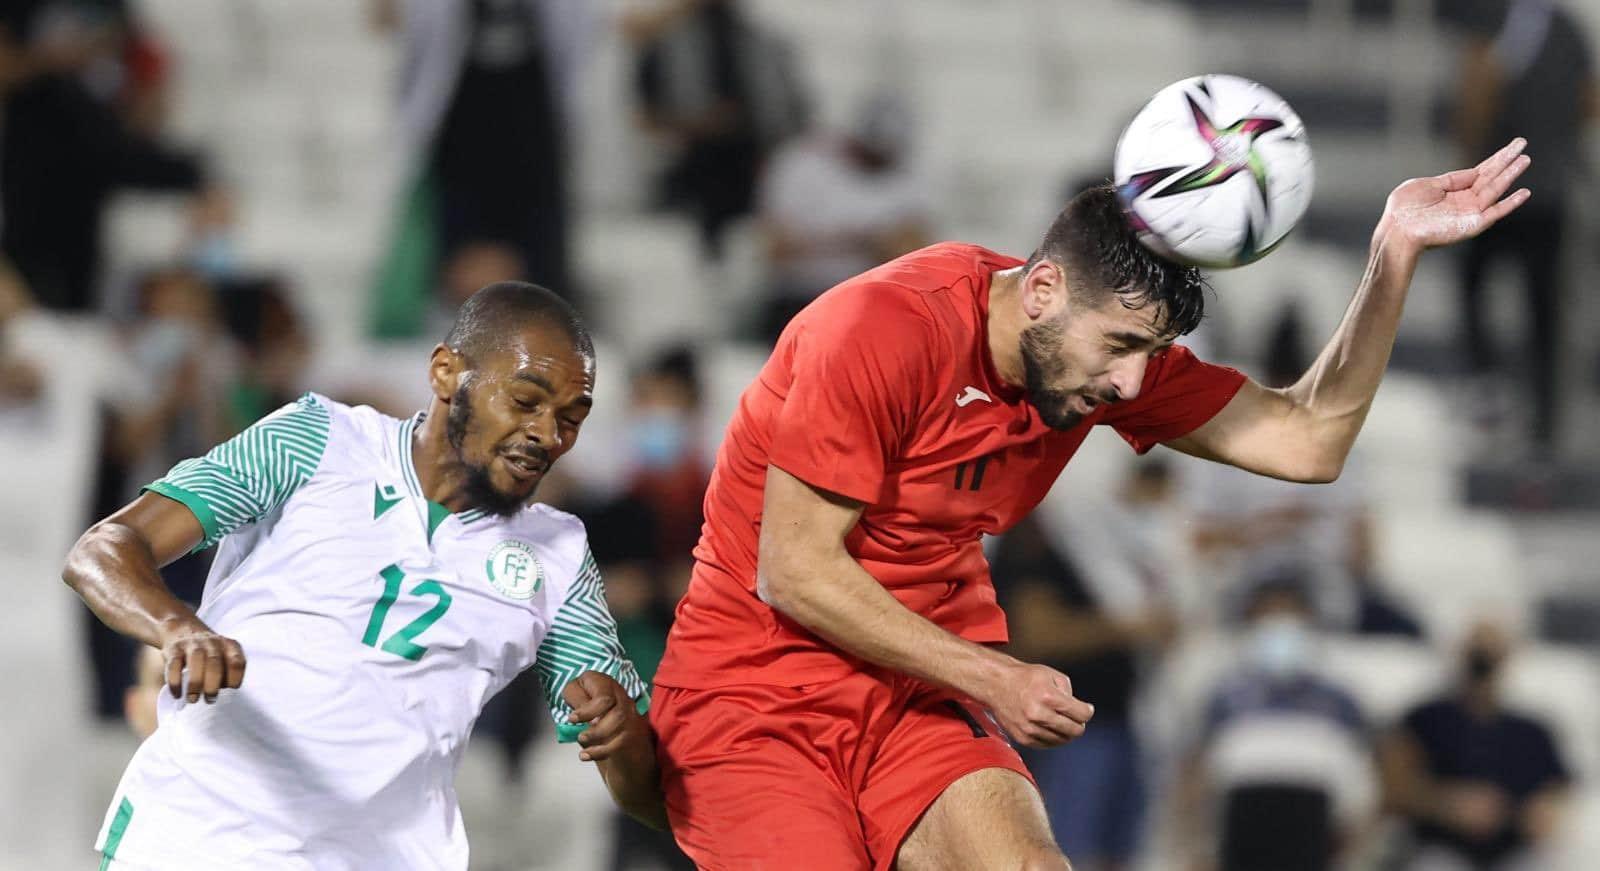 منتخب فلسطين يتأهل إلى نهائيات كأس العرب بعد هزيمته جزر القمر (شاهد)